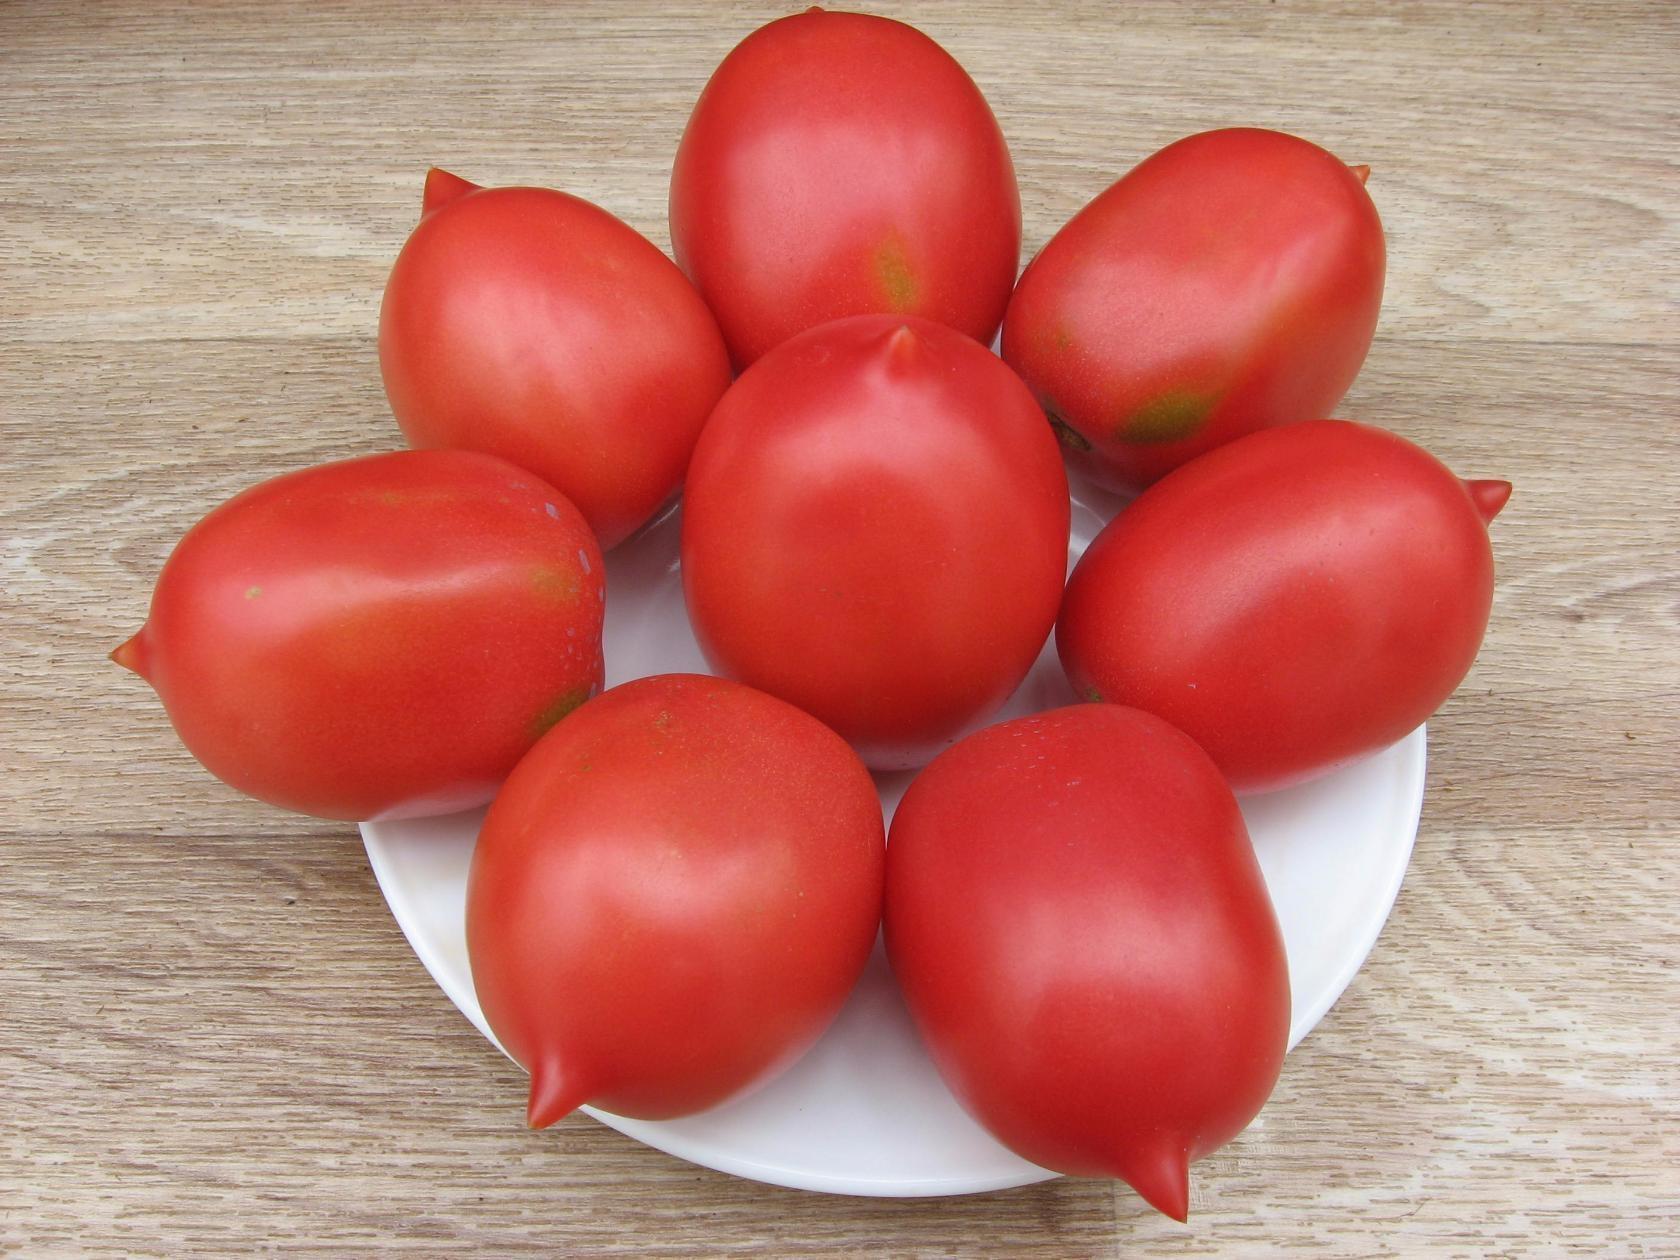 Помидоры де барао характеристика и описание сорта особенности выращивания